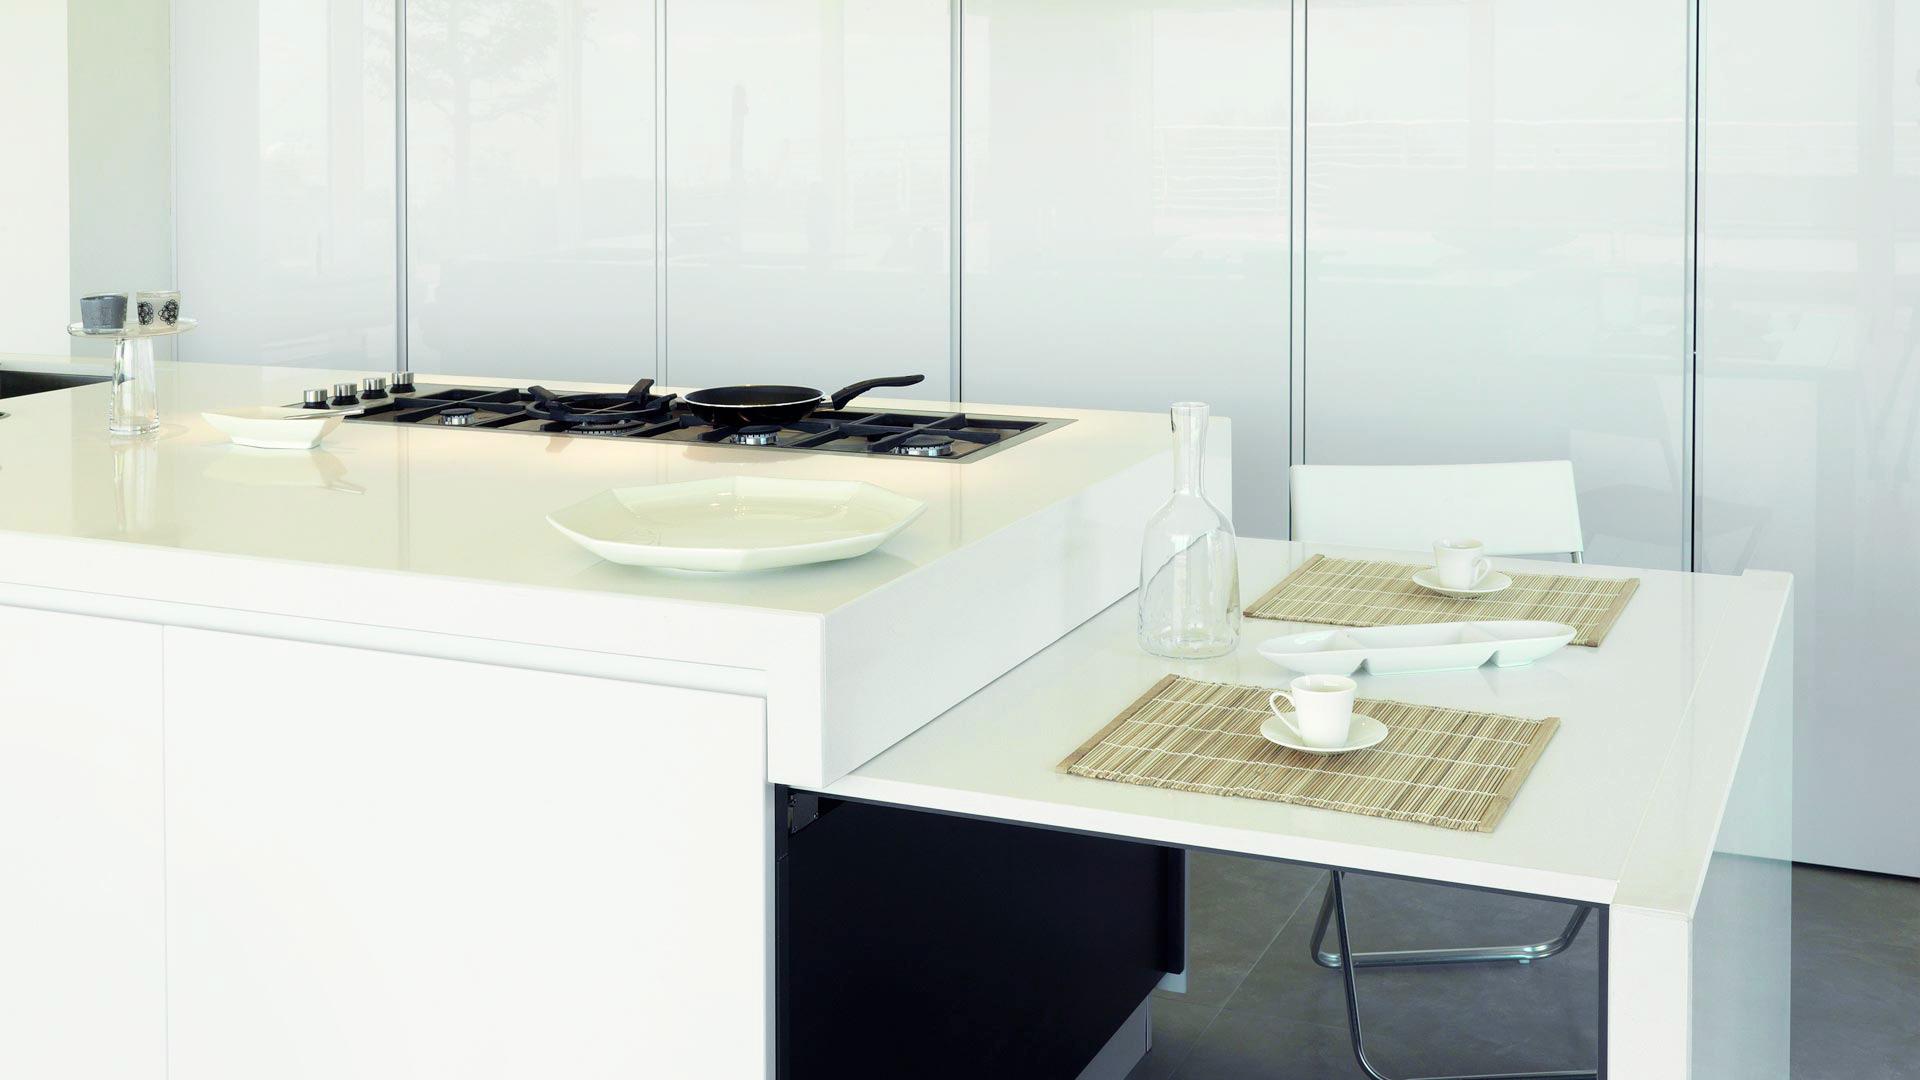 Cucina Living Open Space Con Tavolo A Scomparsa Estraibile